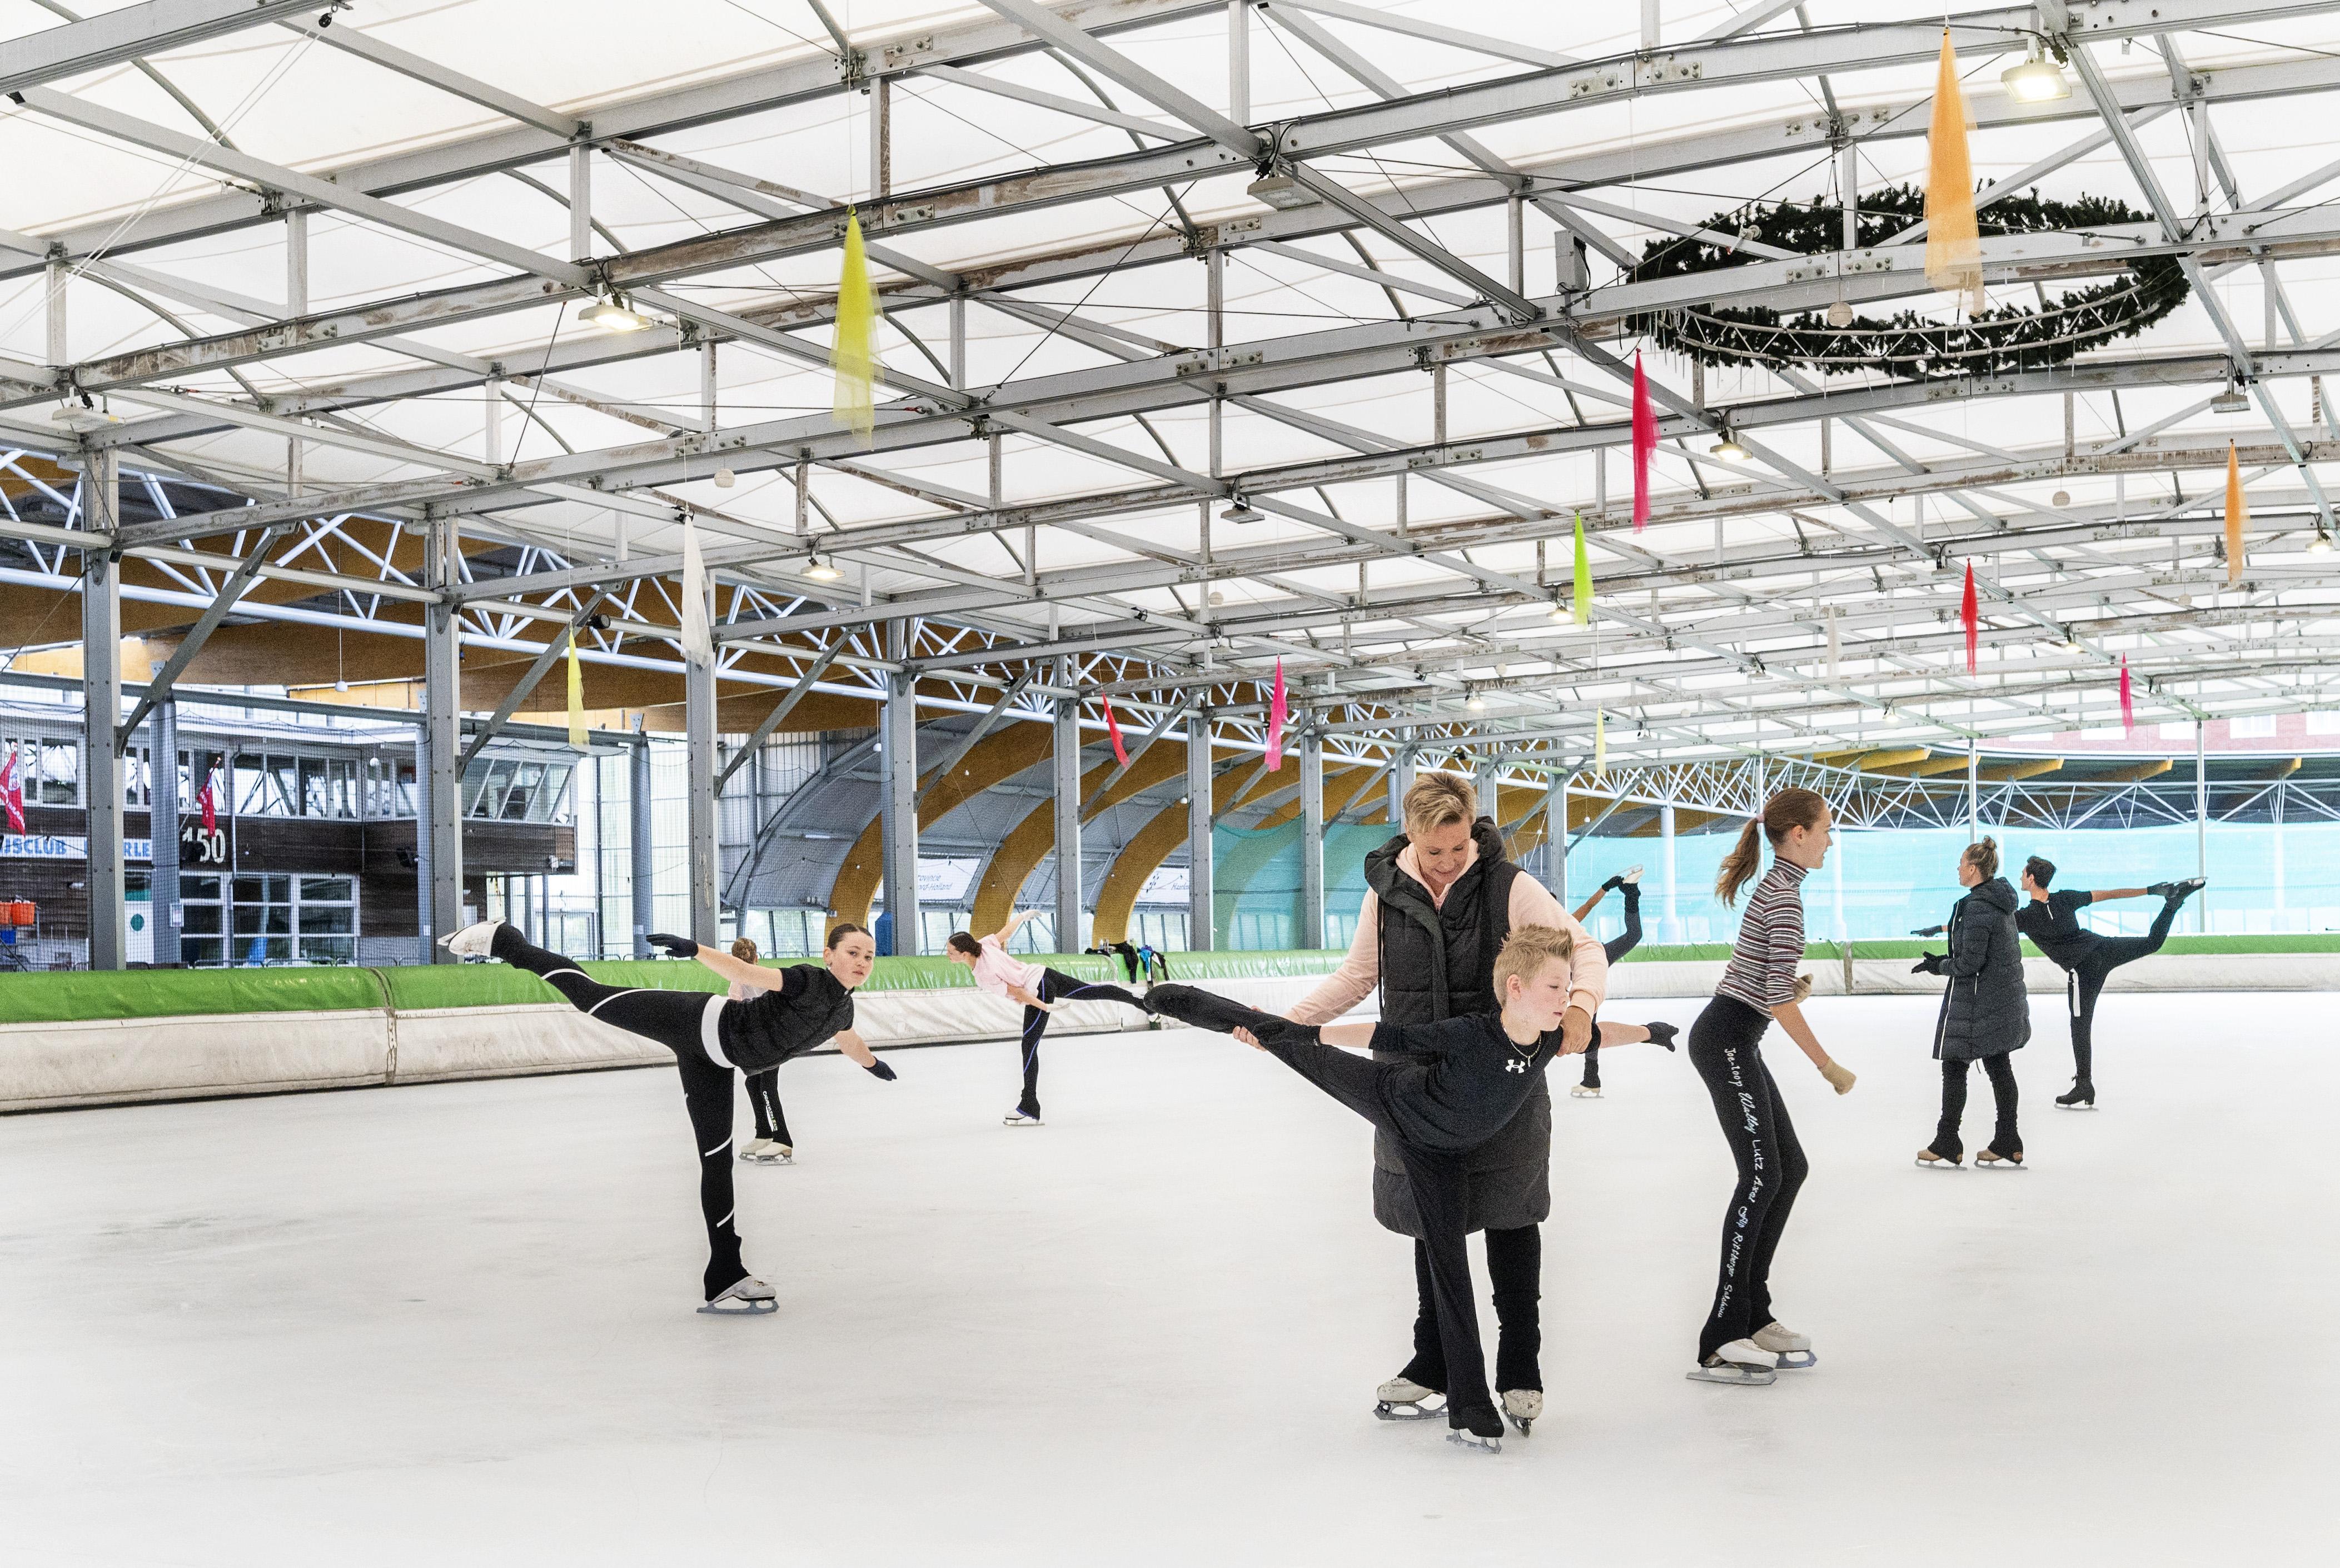 Gemeenteraad wil zomerschaatsen voor IJsbaan Haarlem verbieden: 'We willen een duurzame stad zijn, toch?'